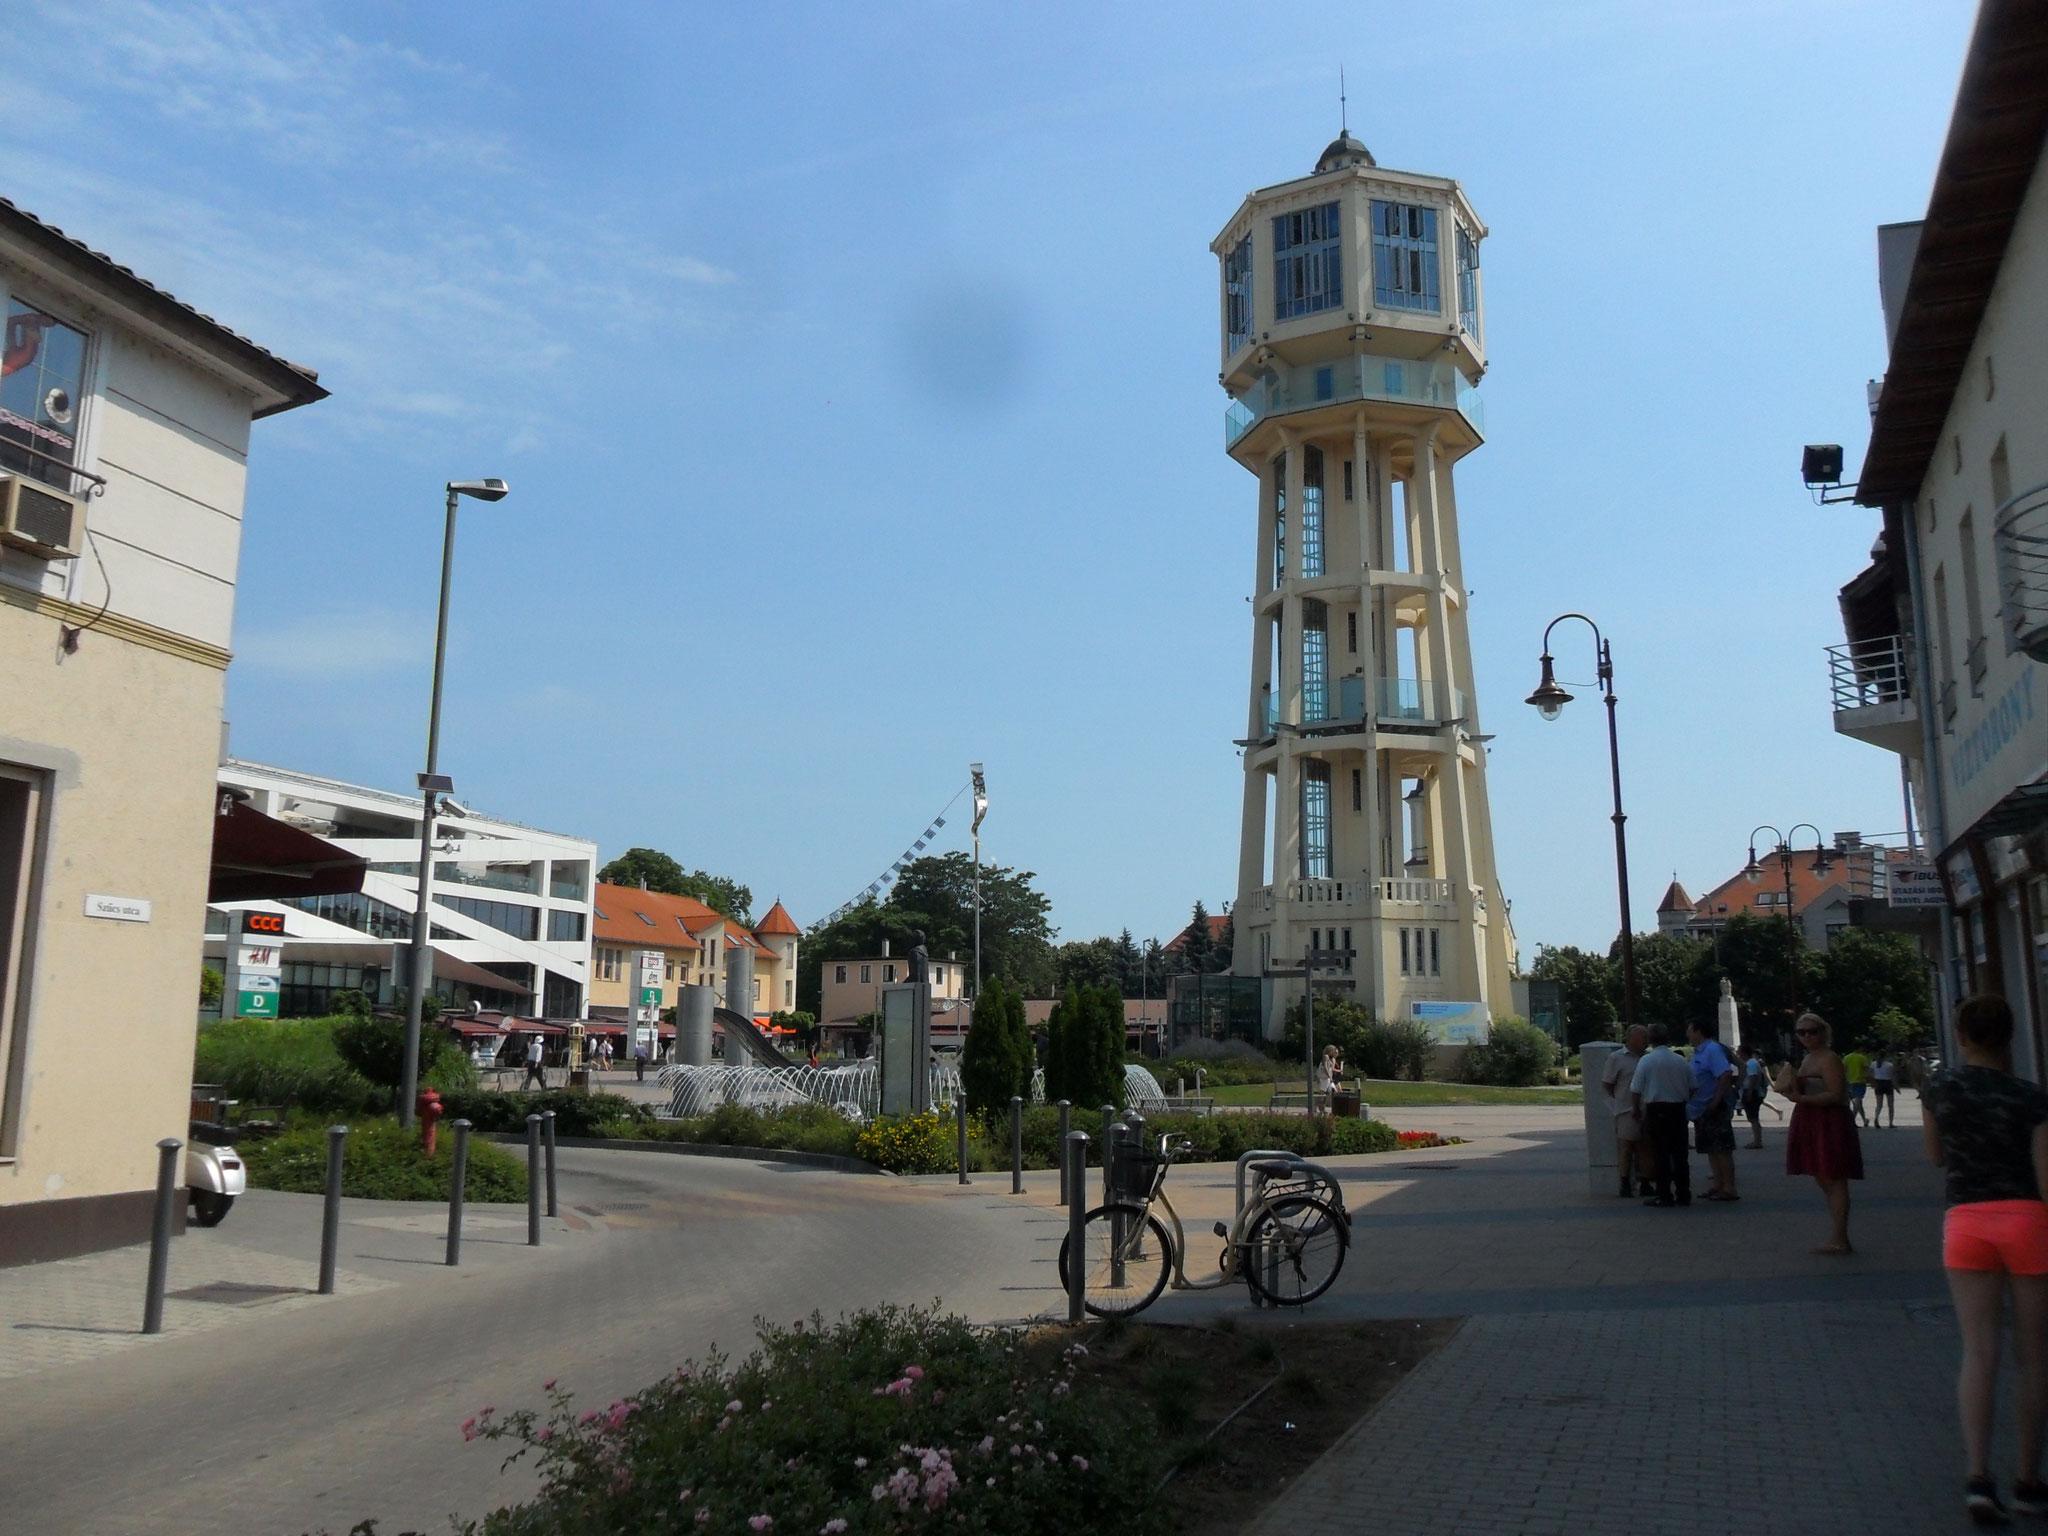 Früher Wasserturm, heute Aussichtsturm mit Caffee